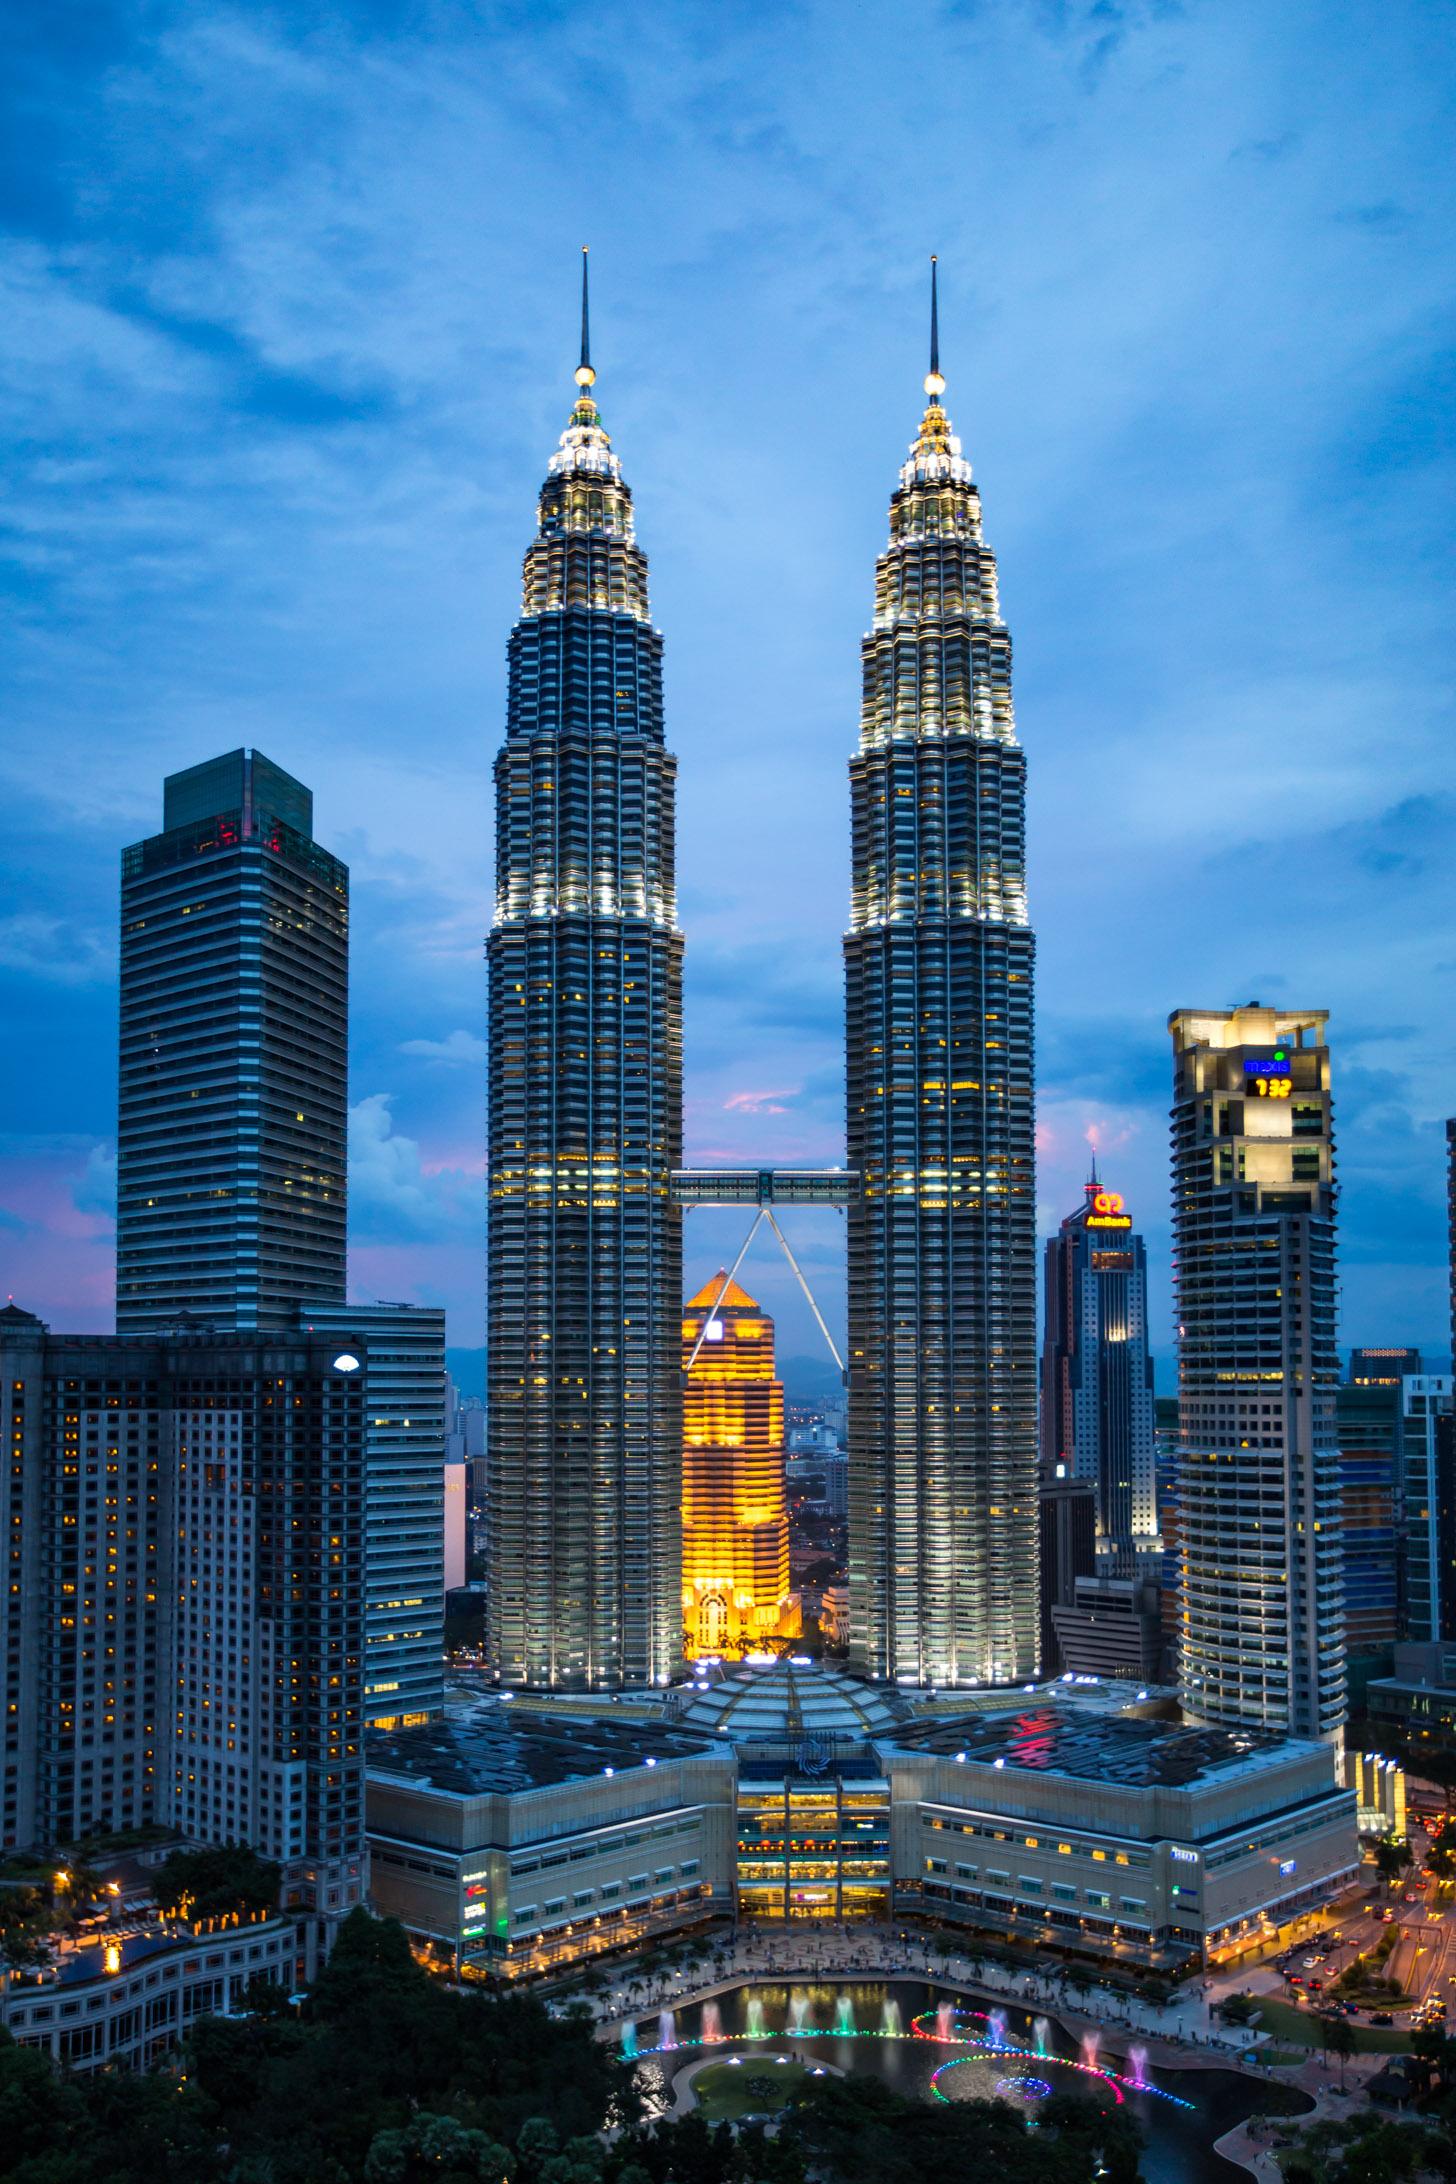 De Petronas Twin Towers zijn het symbool van Kuala Lumpur